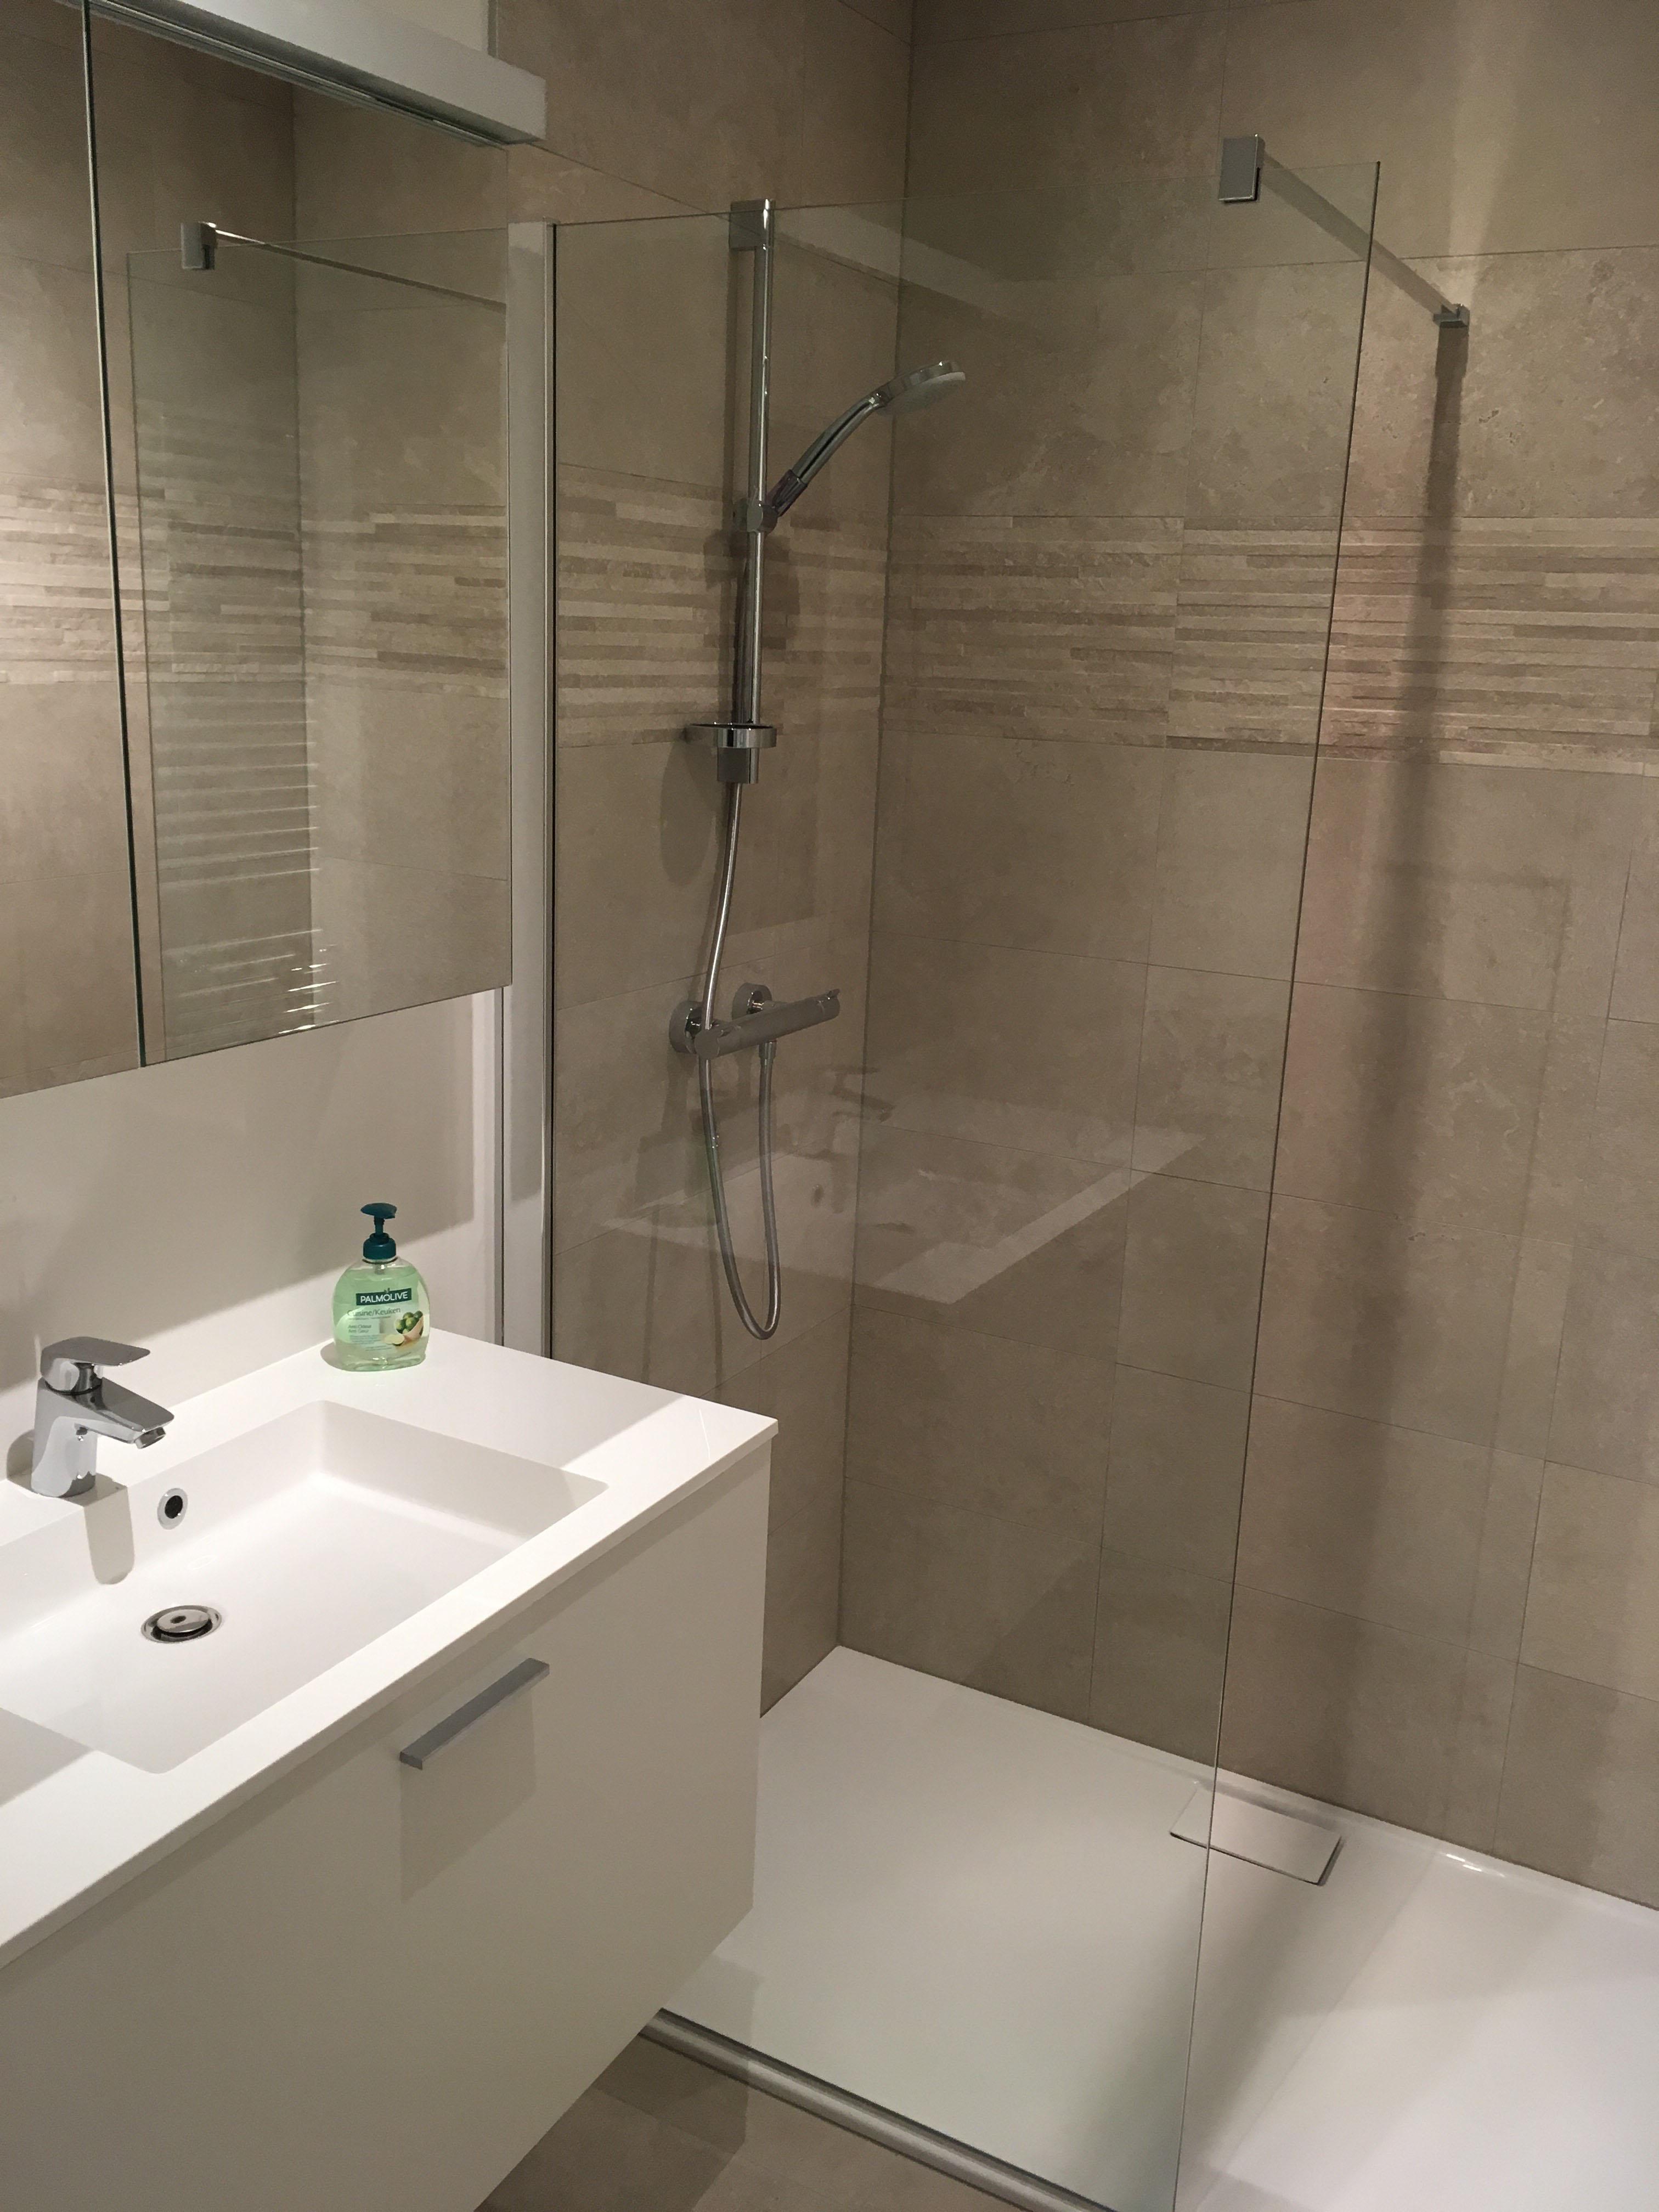 Uw badkamer op maat van A tot Z | Blomme - Vanderswalm | Ronse